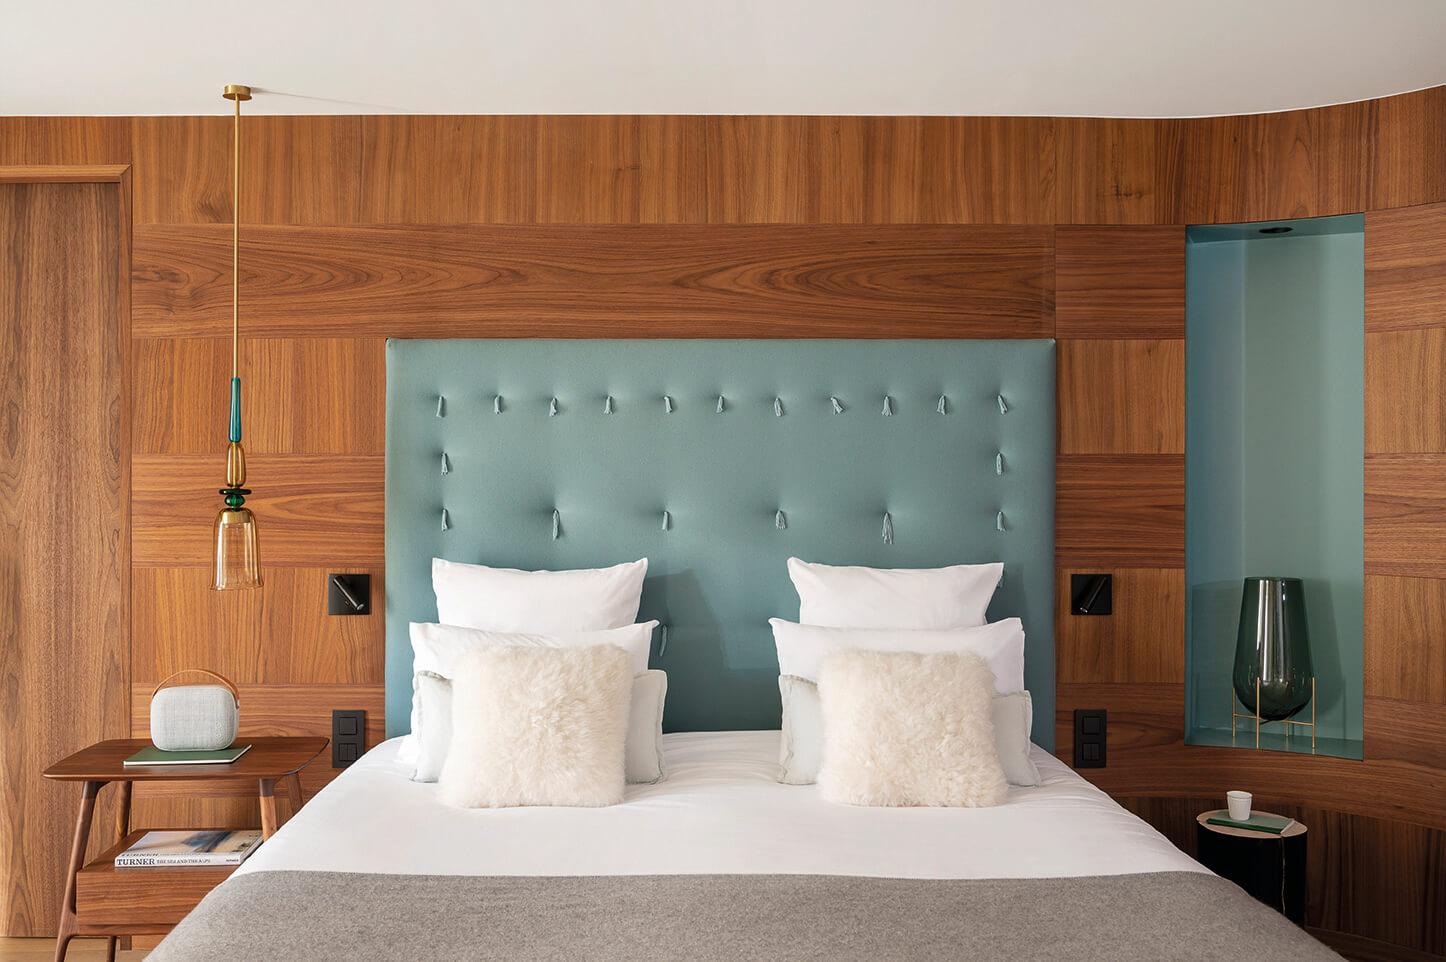 Suite - lit avec tête de lit azur